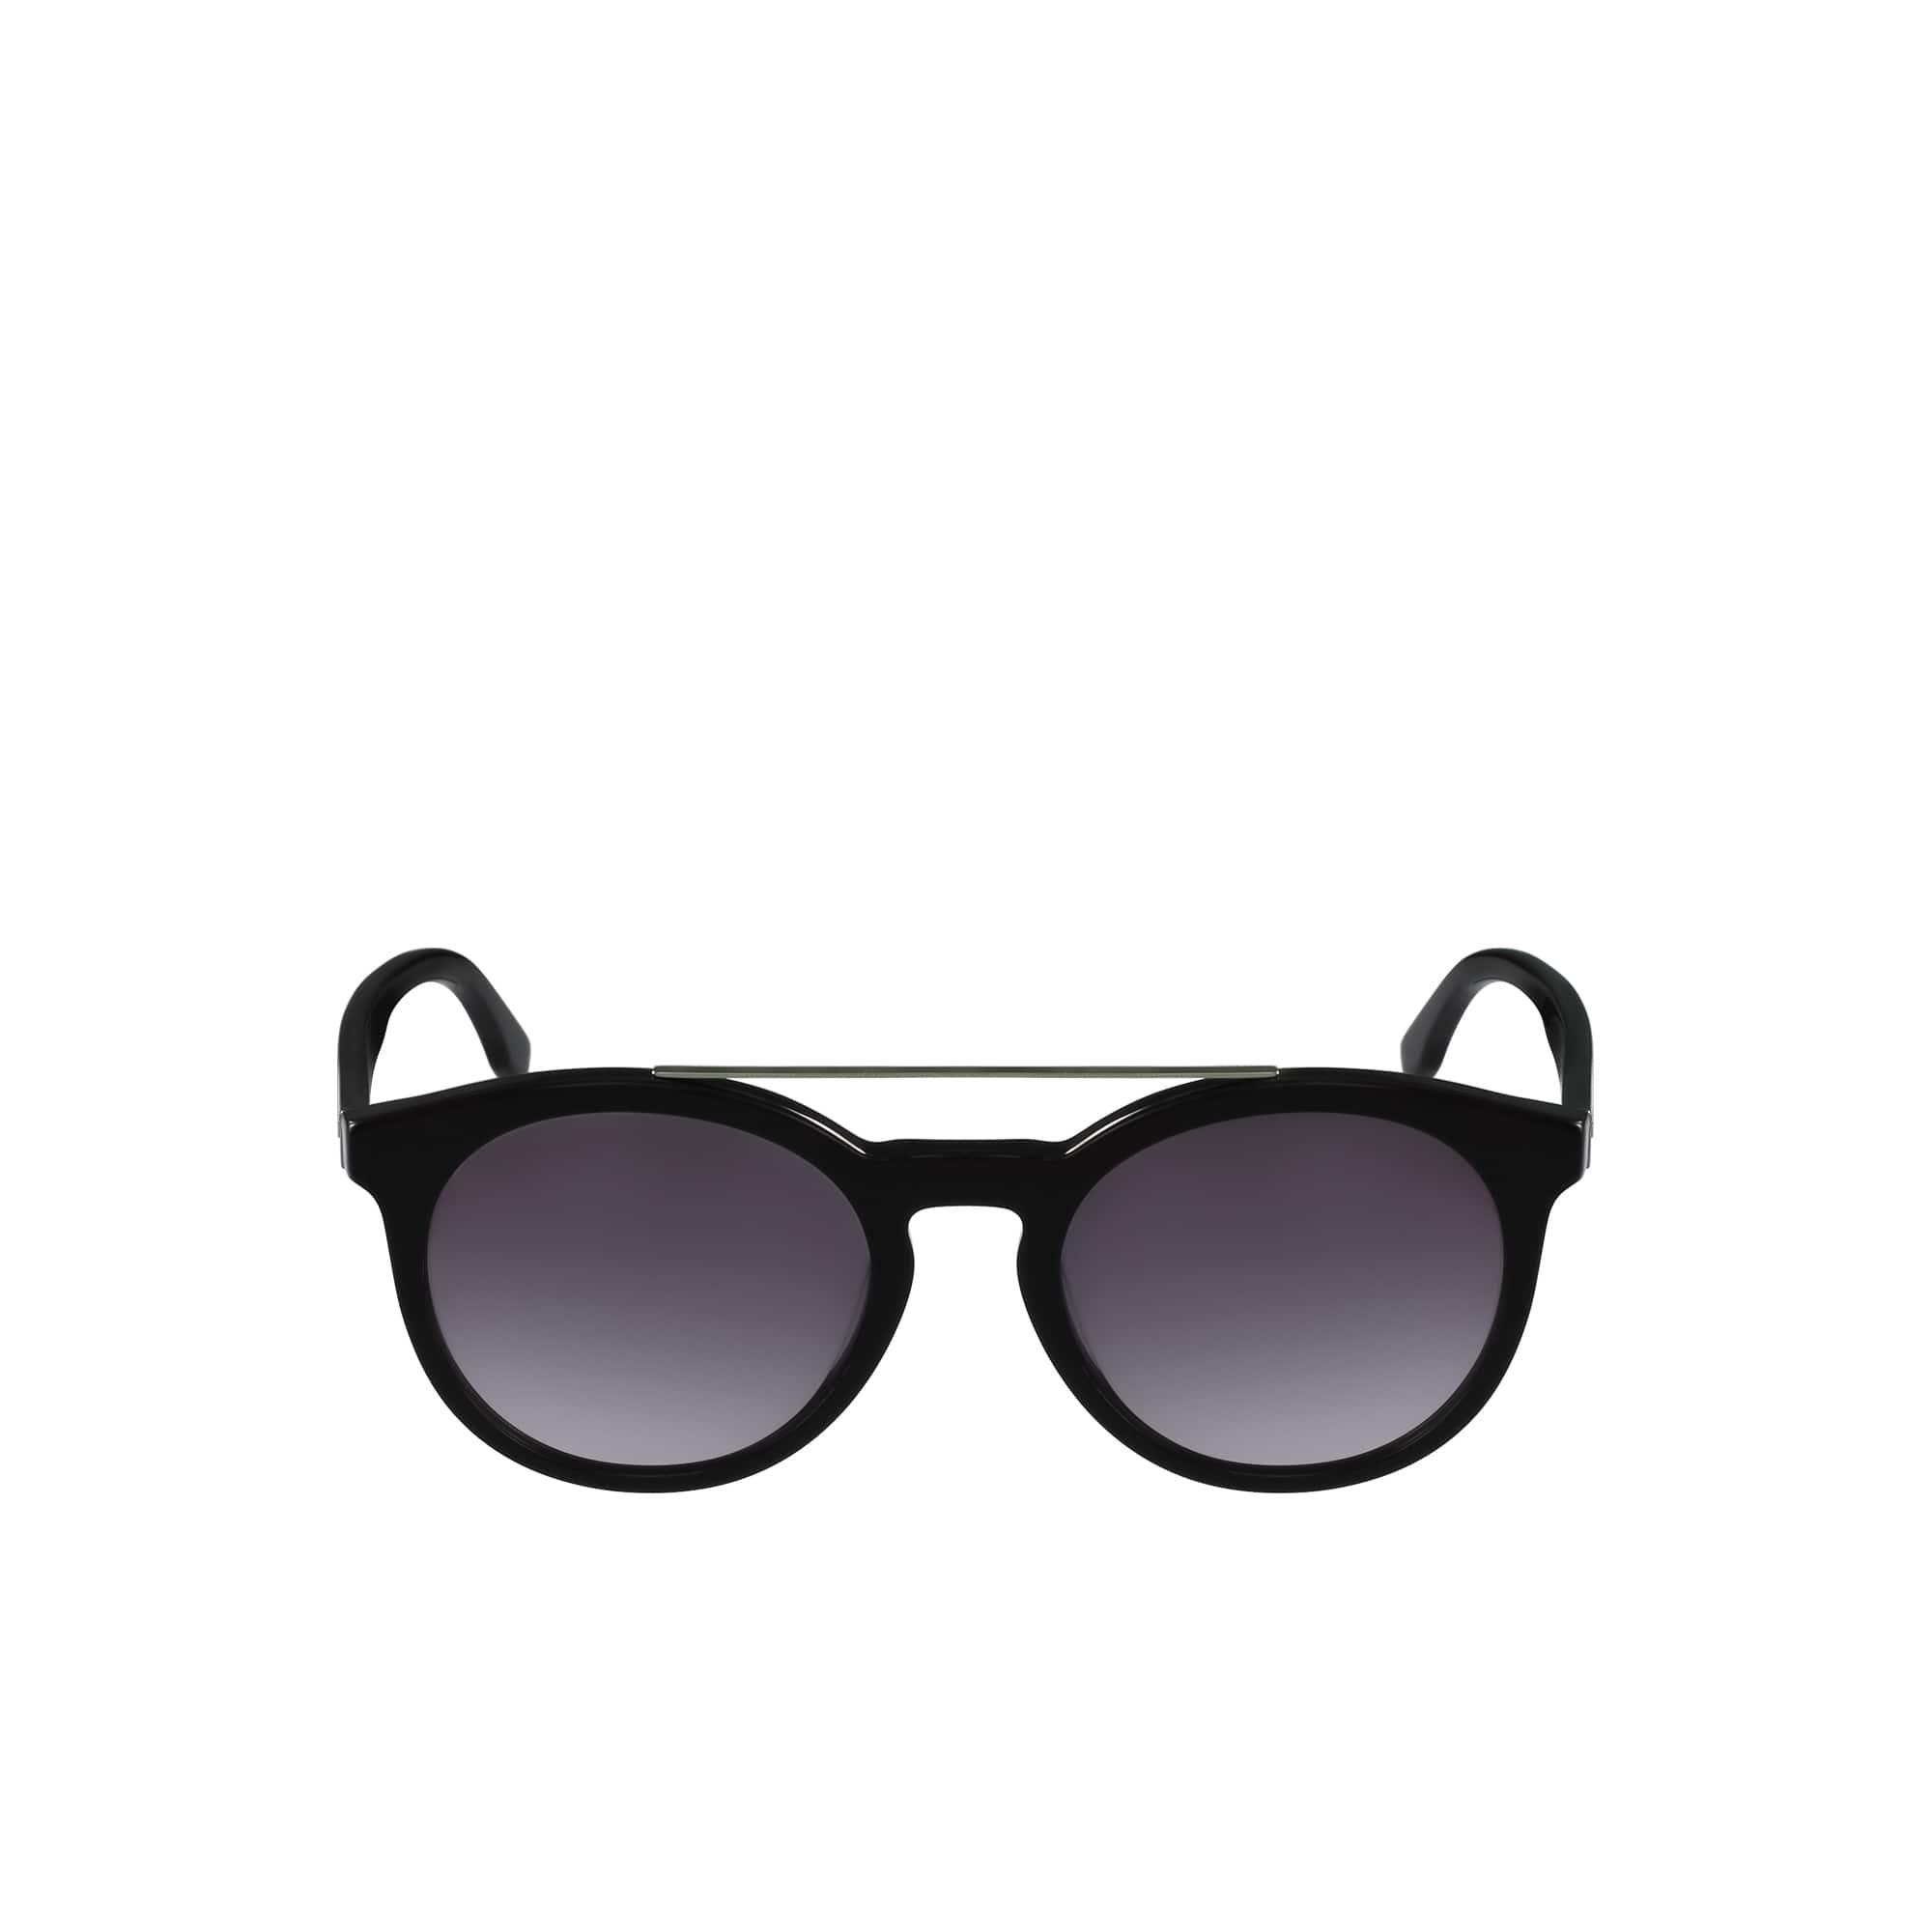 Óculos de Sol Lacoste Unisex com armação metal e lentes graduadas